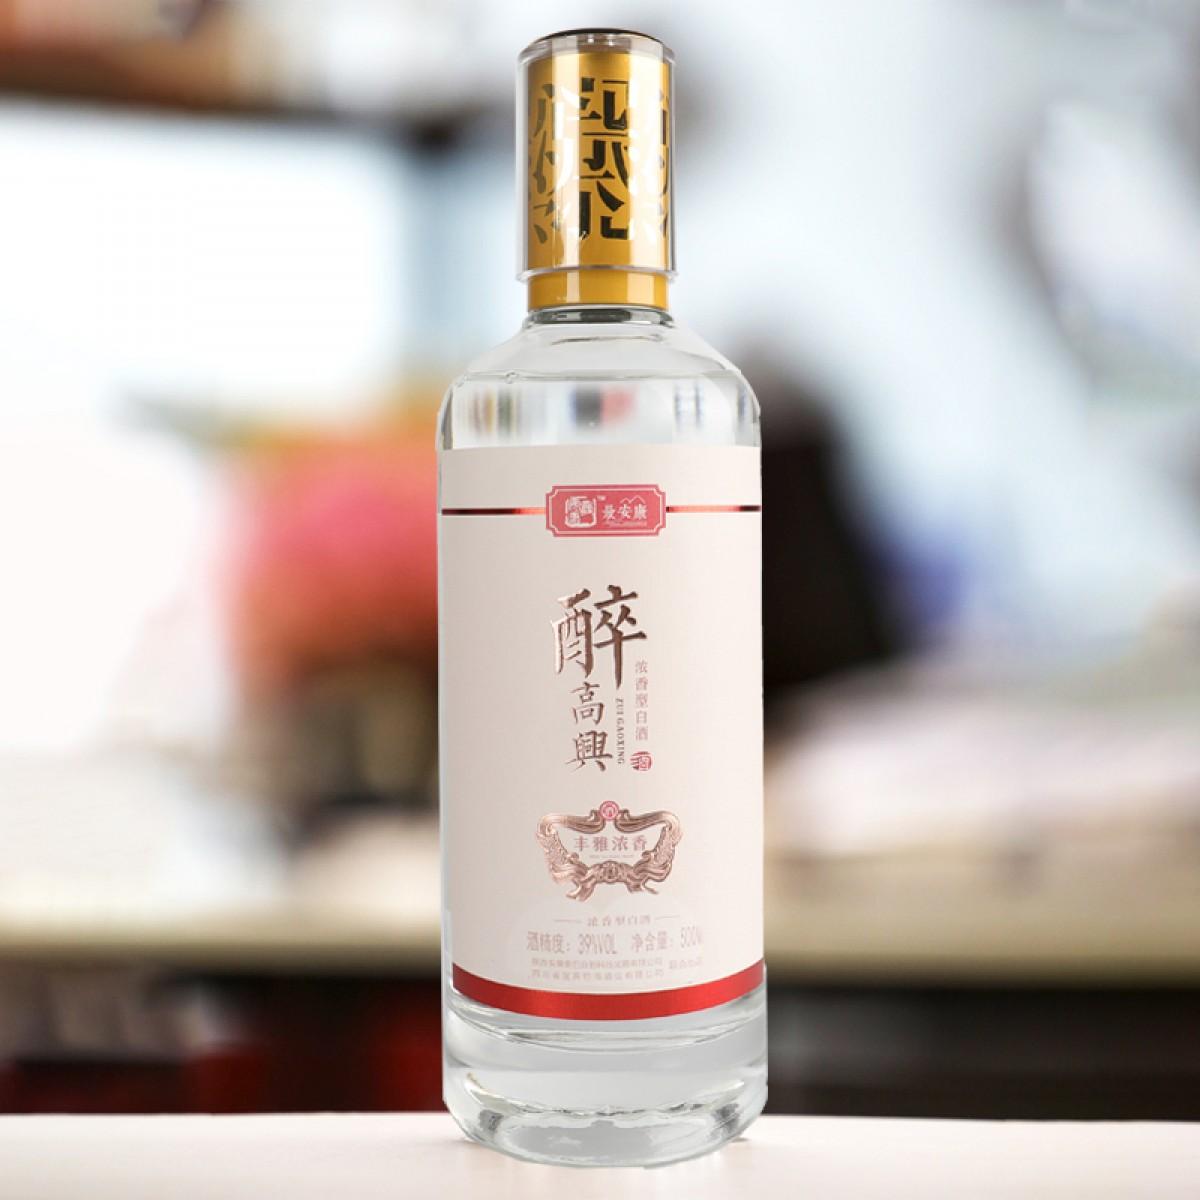 【最安康】最安康醉高兴白酒39°浓香型500ml瓶装